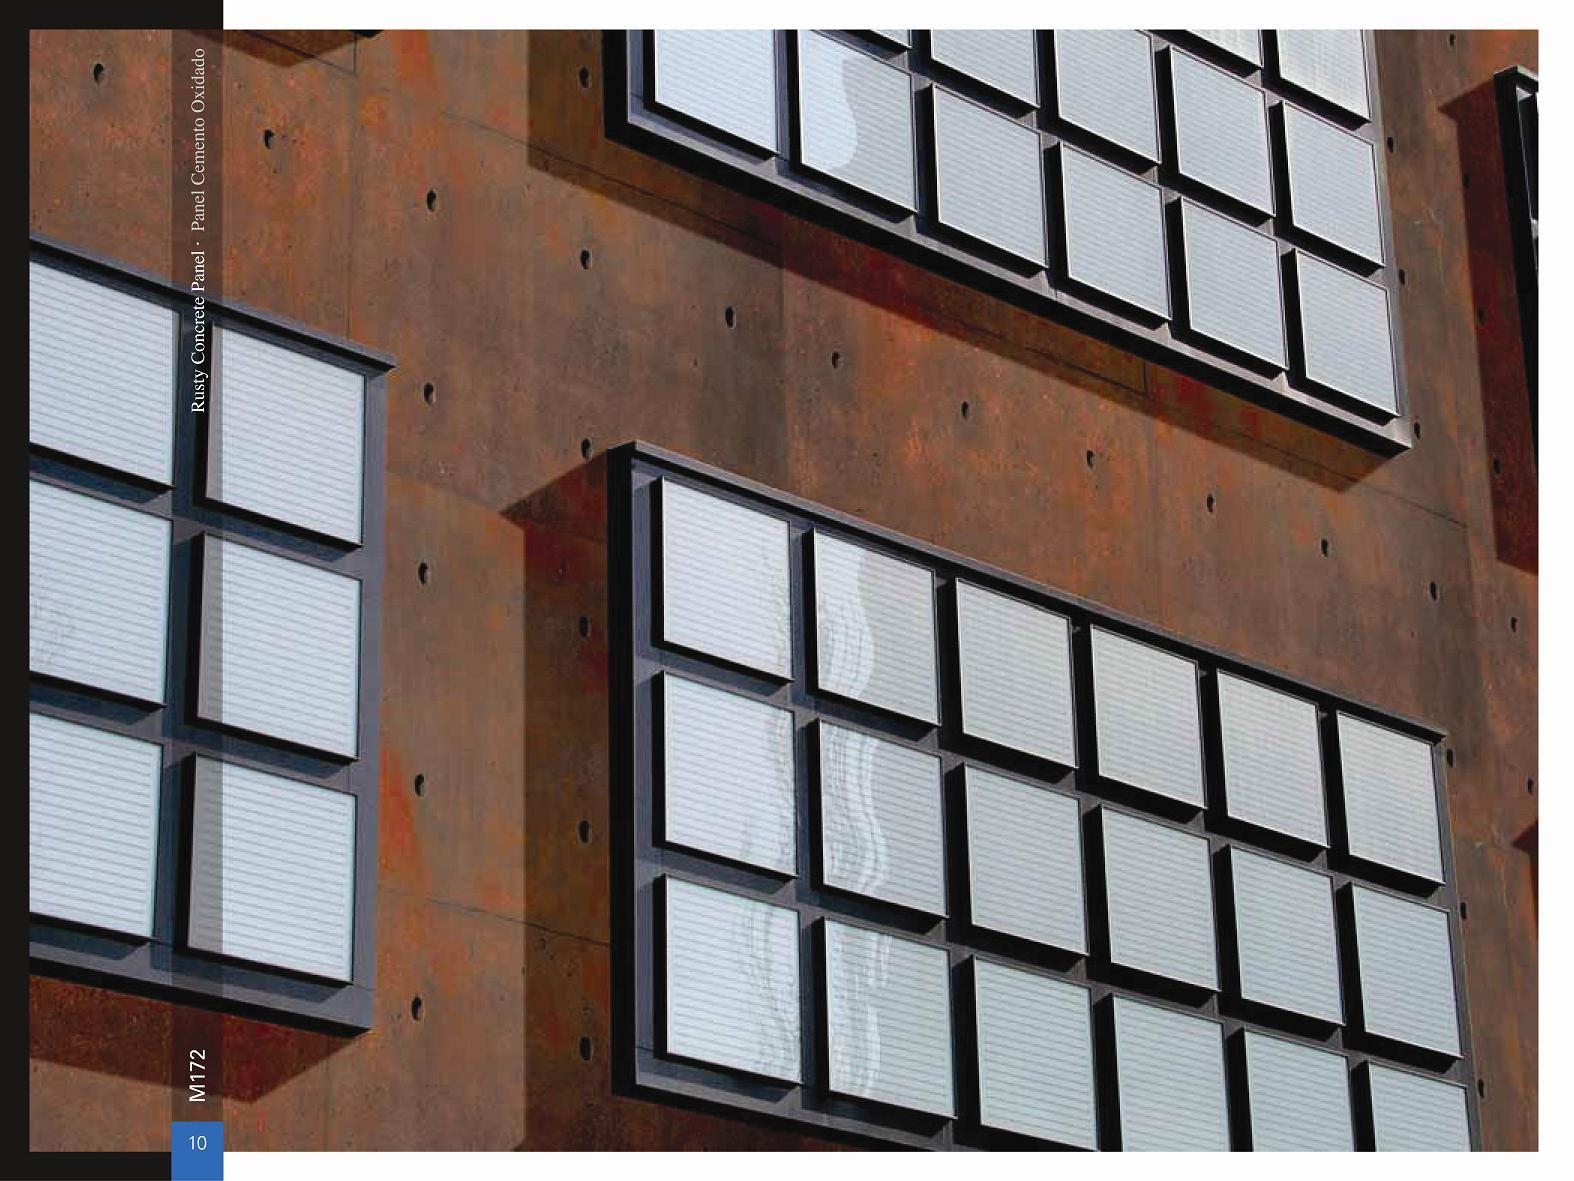 Isolation d coratif isolation de fa ade d corativeles Isolation de facade